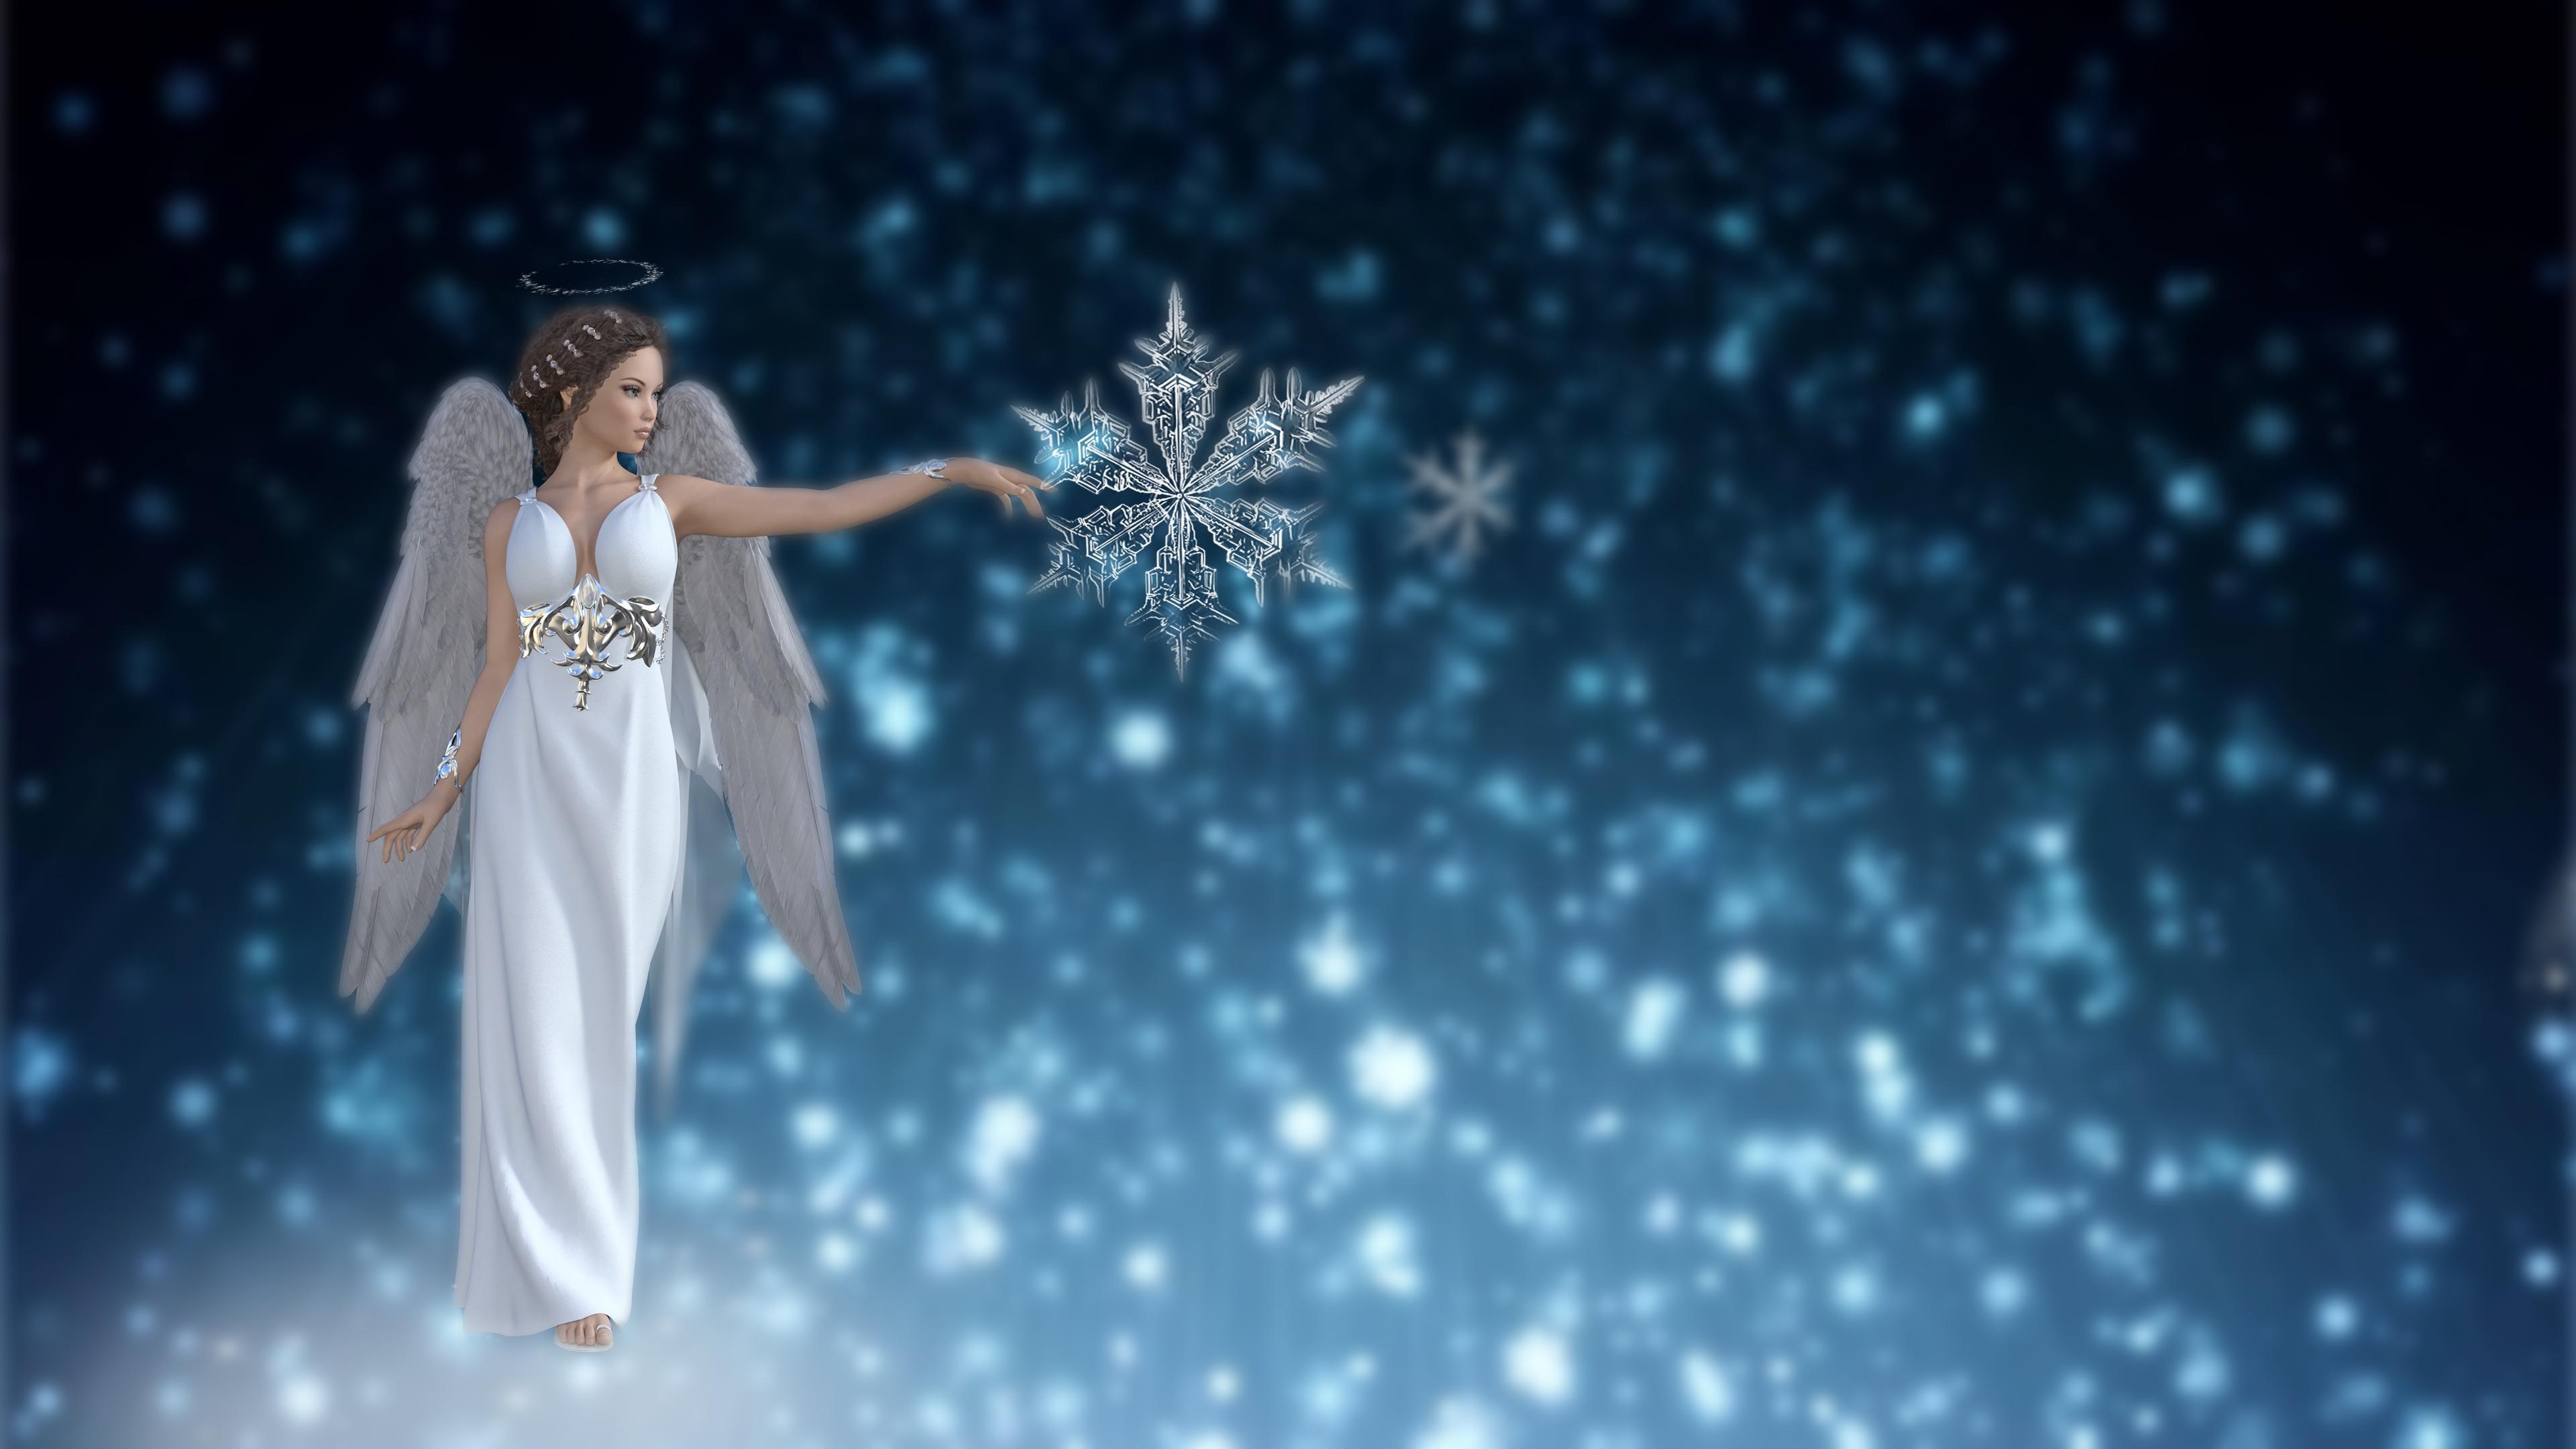 Desktop Hintergrundbilder Fantasy Mädchens 3D-Grafik Schneeflocken Engel 3840x2160 junge frau junge Frauen Engeln